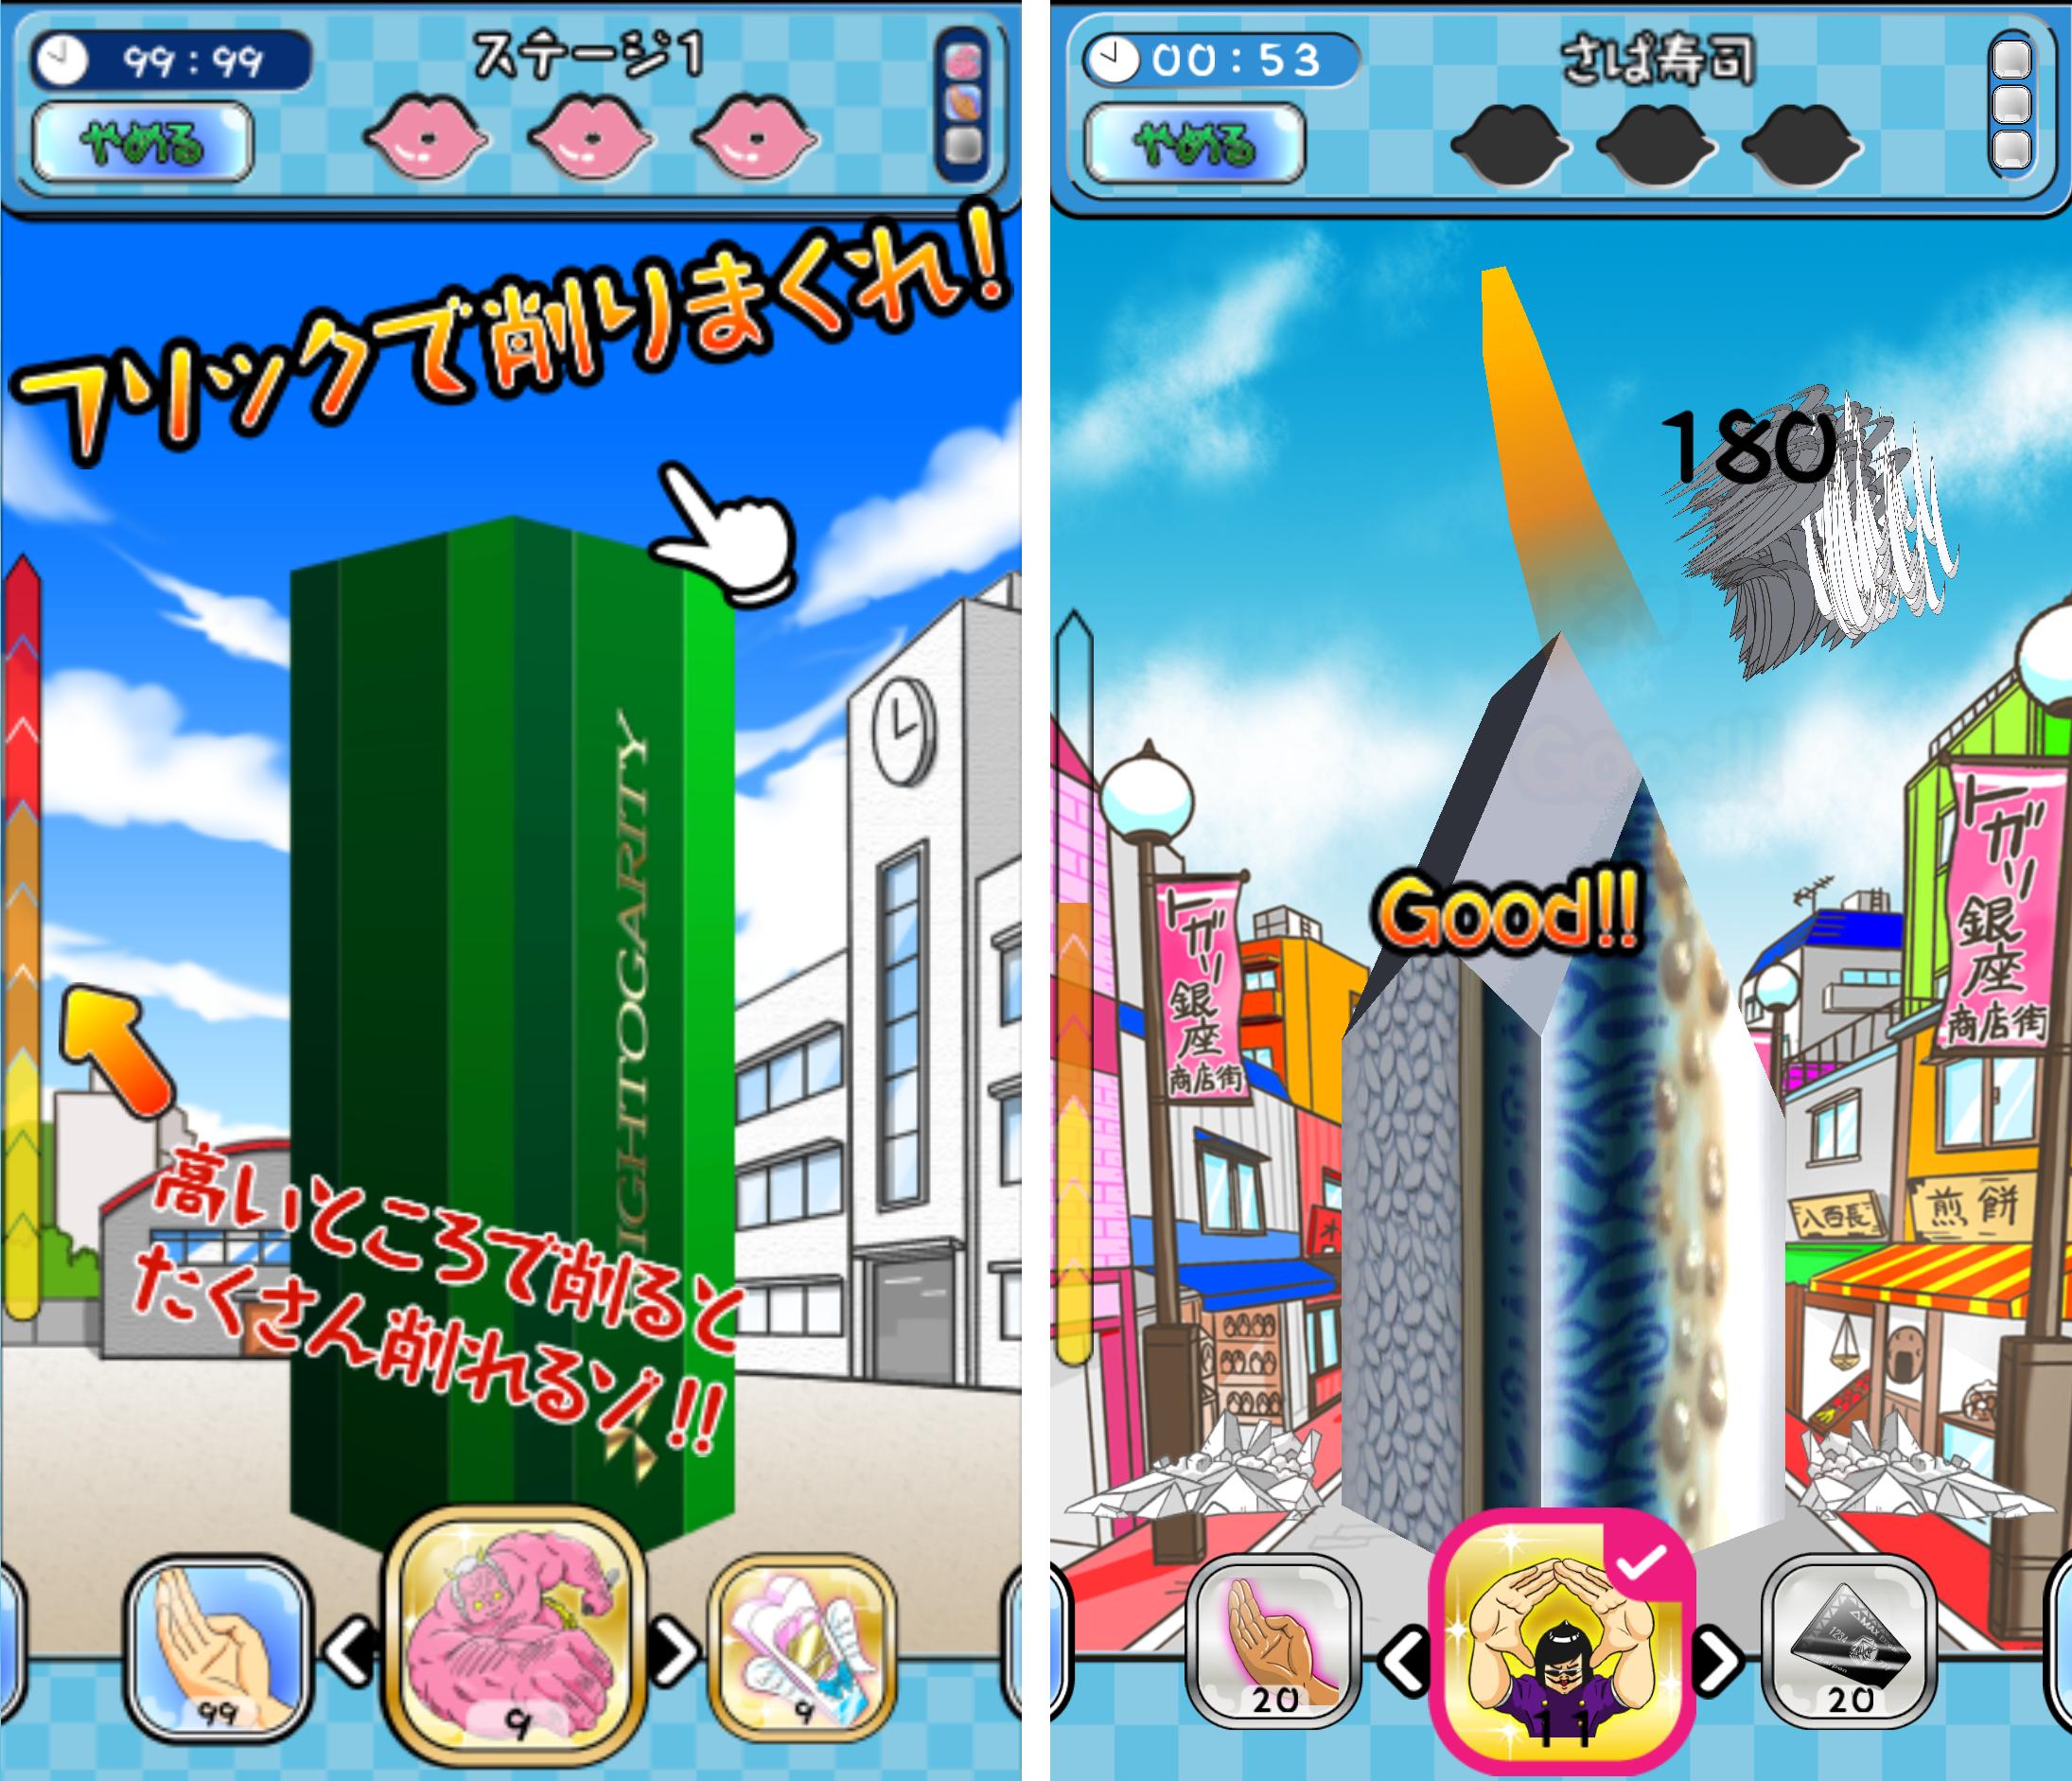 尖らせろ!~スタイリッシュ削りアクション~ androidアプリスクリーンショット1